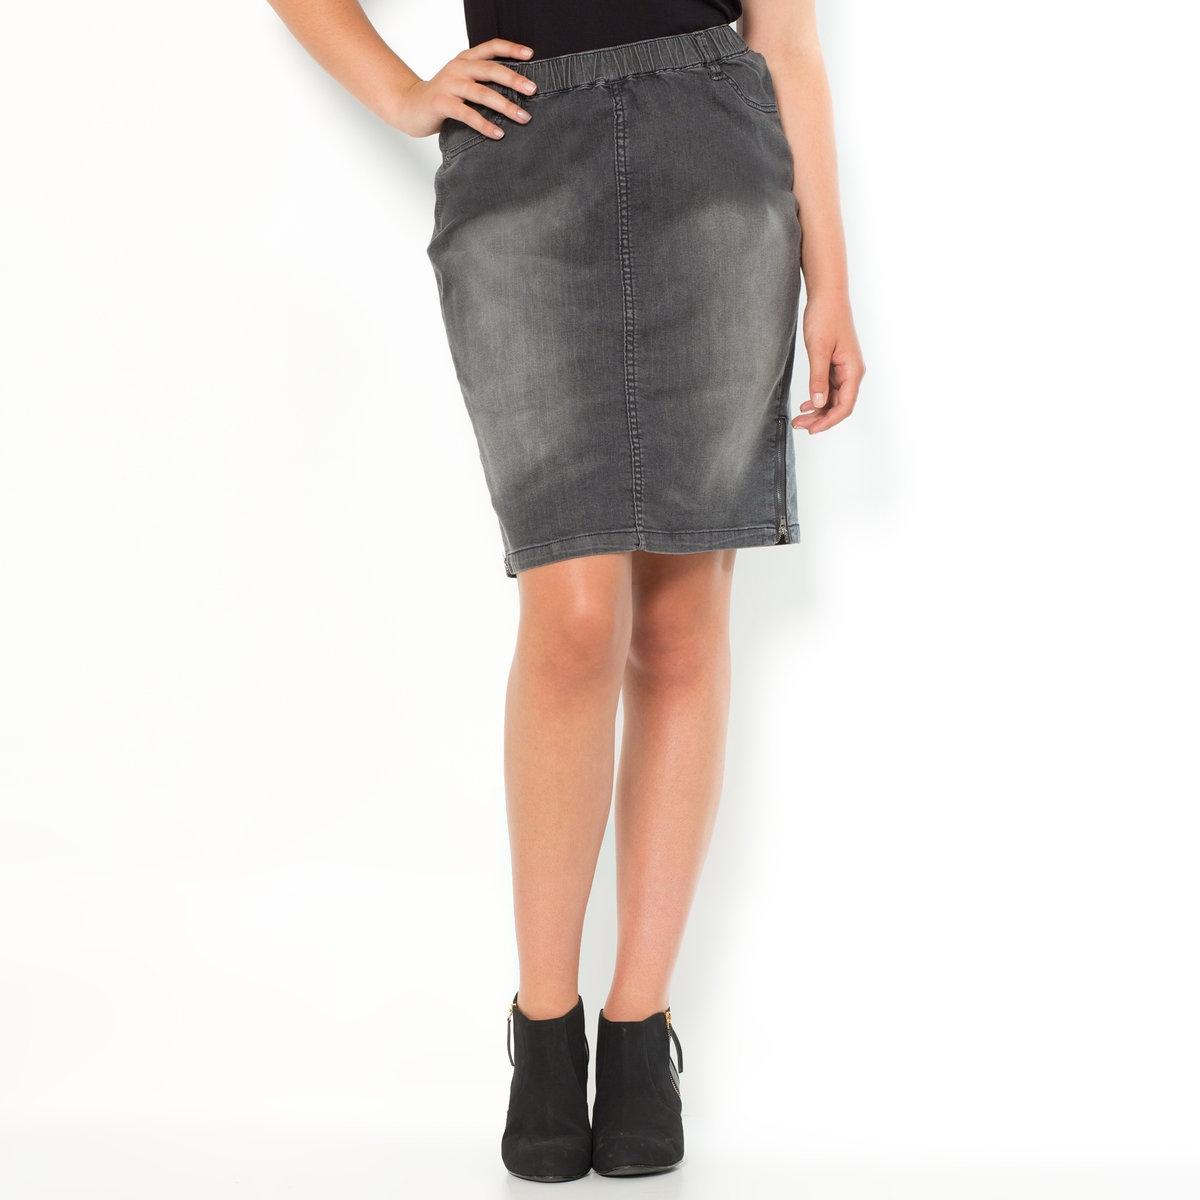 Юбка джинсовая прямаяДжинсовая юбка без застежки с эластичным поясом. Прямой покрой, длина до колена и молнии по бокам для оригинальности Вашего образа...Юбка из эластичного денима: 98% хлопка, 2% эластана. Длина 58 см .Эта удобная джинсовая юбка легко надевается благодаря эластичному поясу: просто натяните ее, как чулок! 2 ложных кармана спереди и 2 накладных кармана сзади. Молнии внизу юбки.<br><br>Цвет: серый потертый деним<br>Размер: 60 (FR) - 66 (RUS)